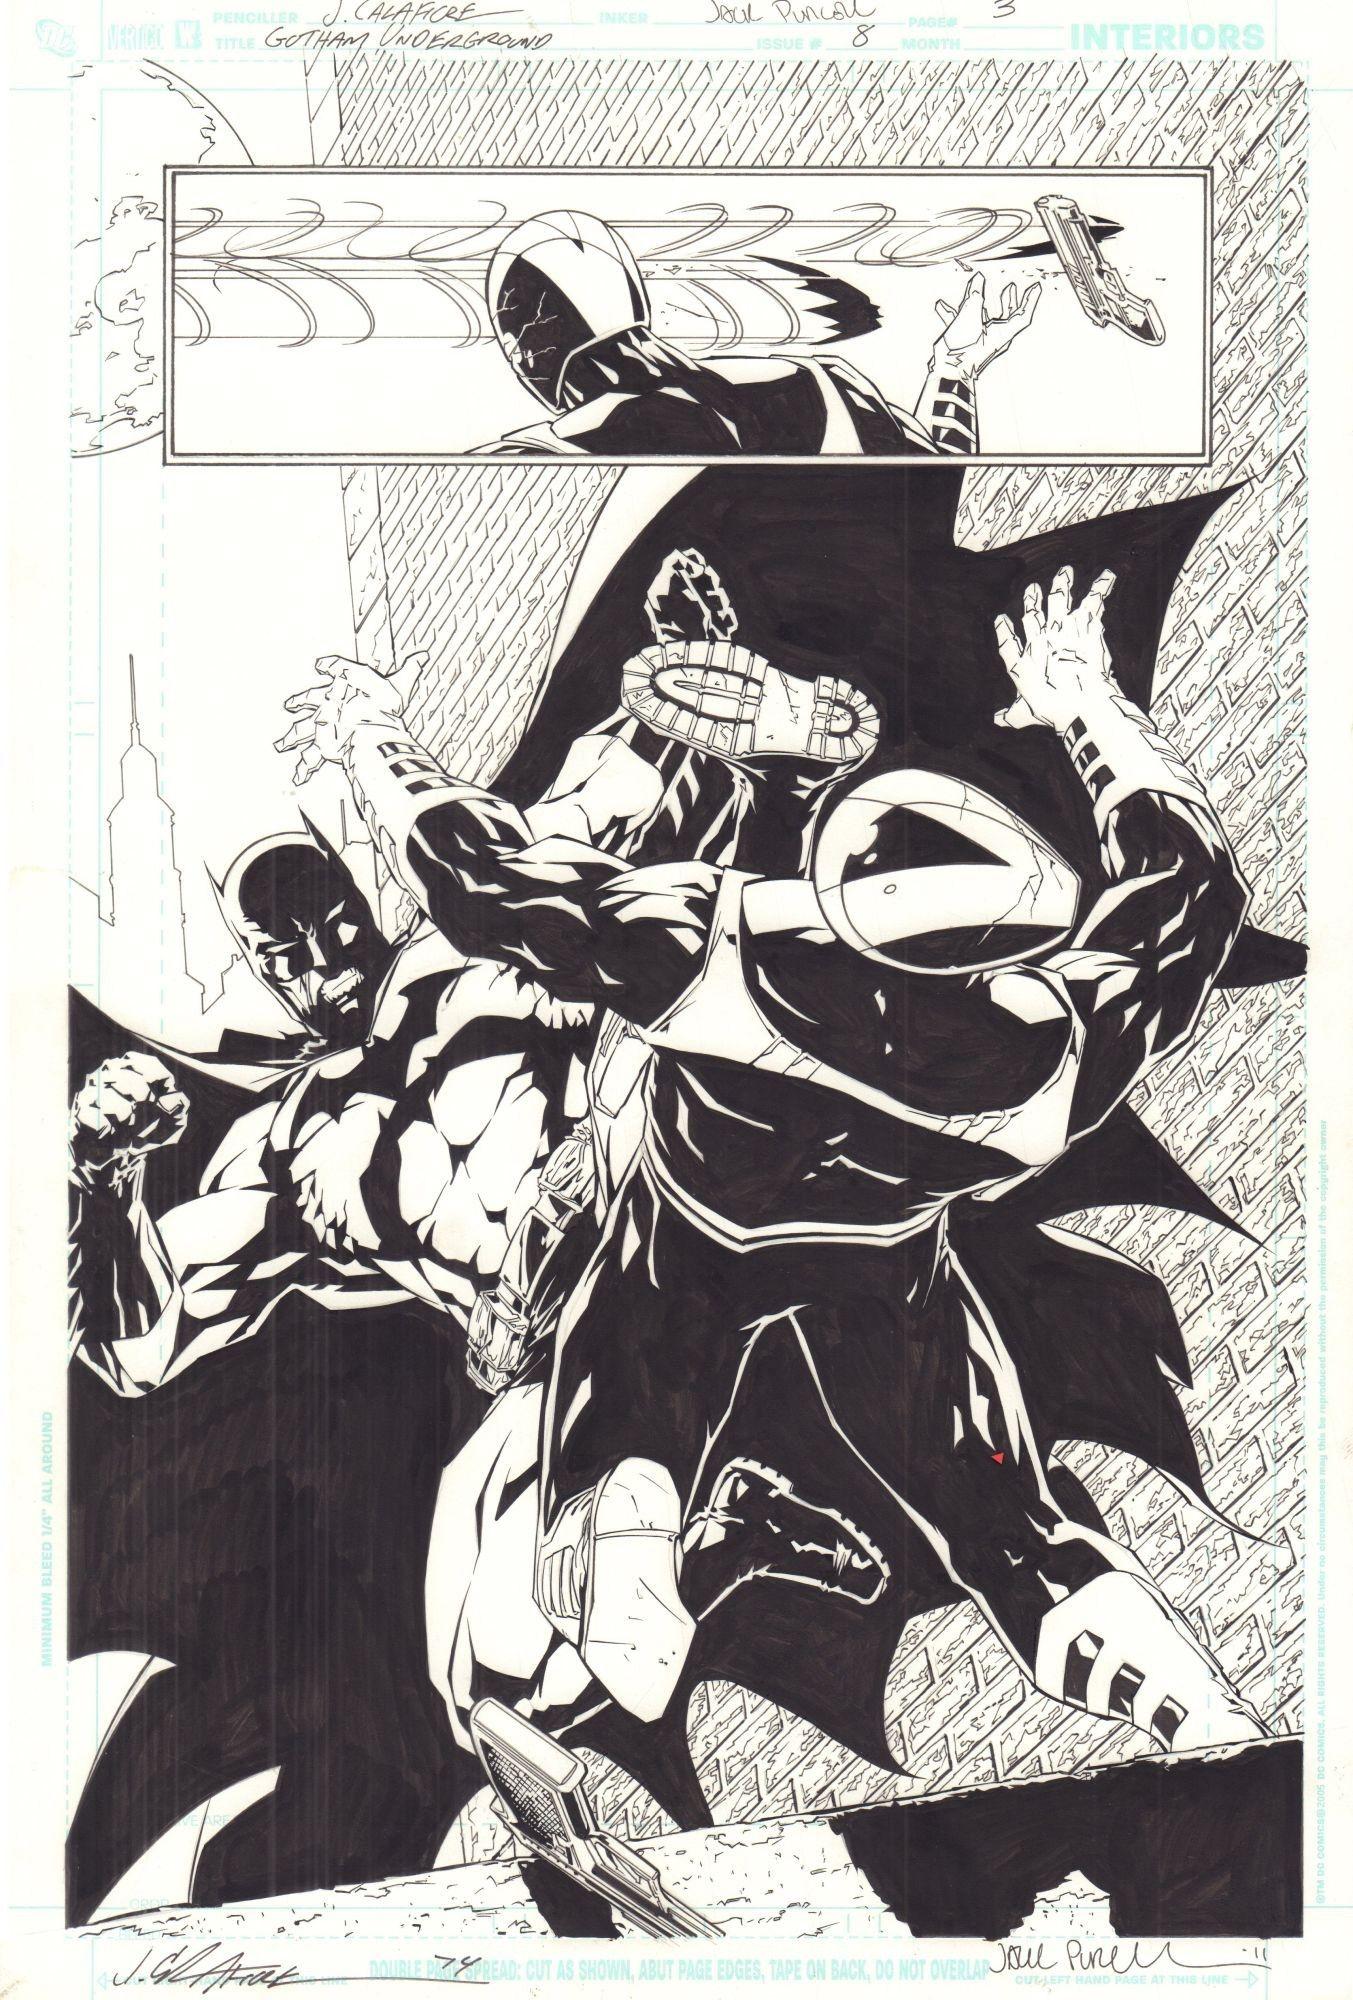 Gotham Underground #8 / 3